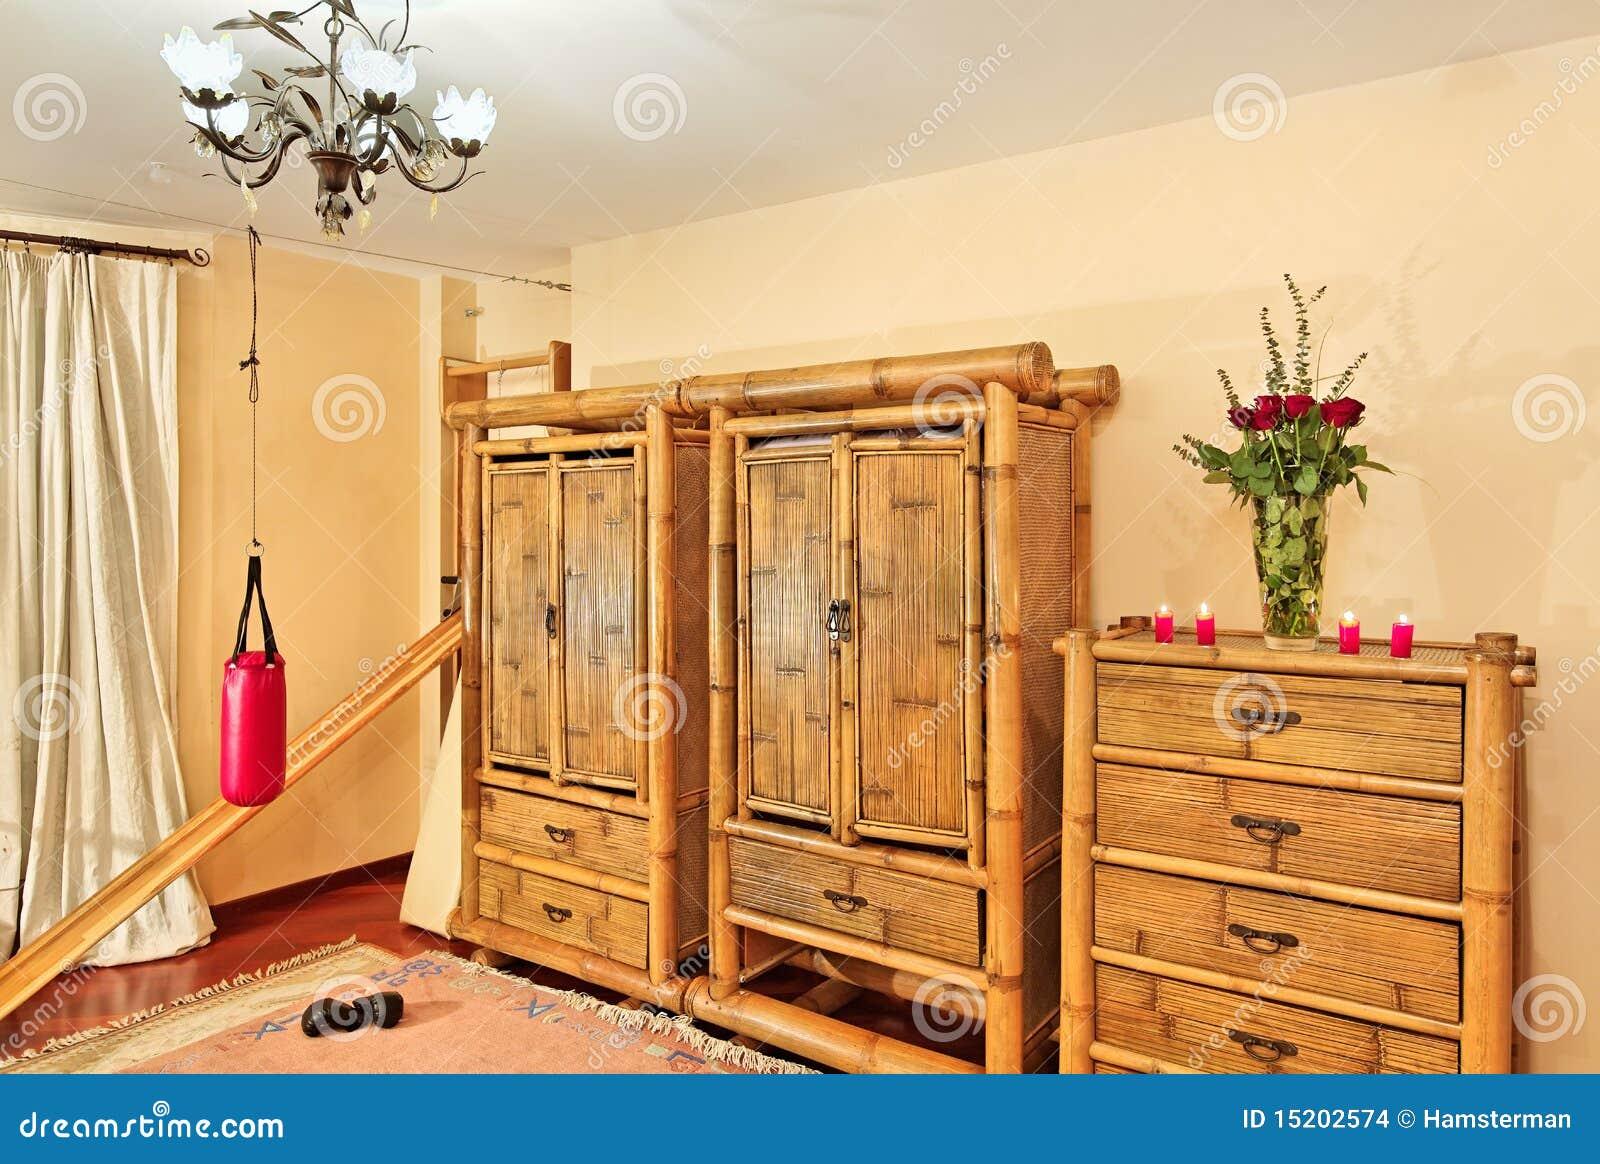 muebles de bamb tnicos imagenes de archivo